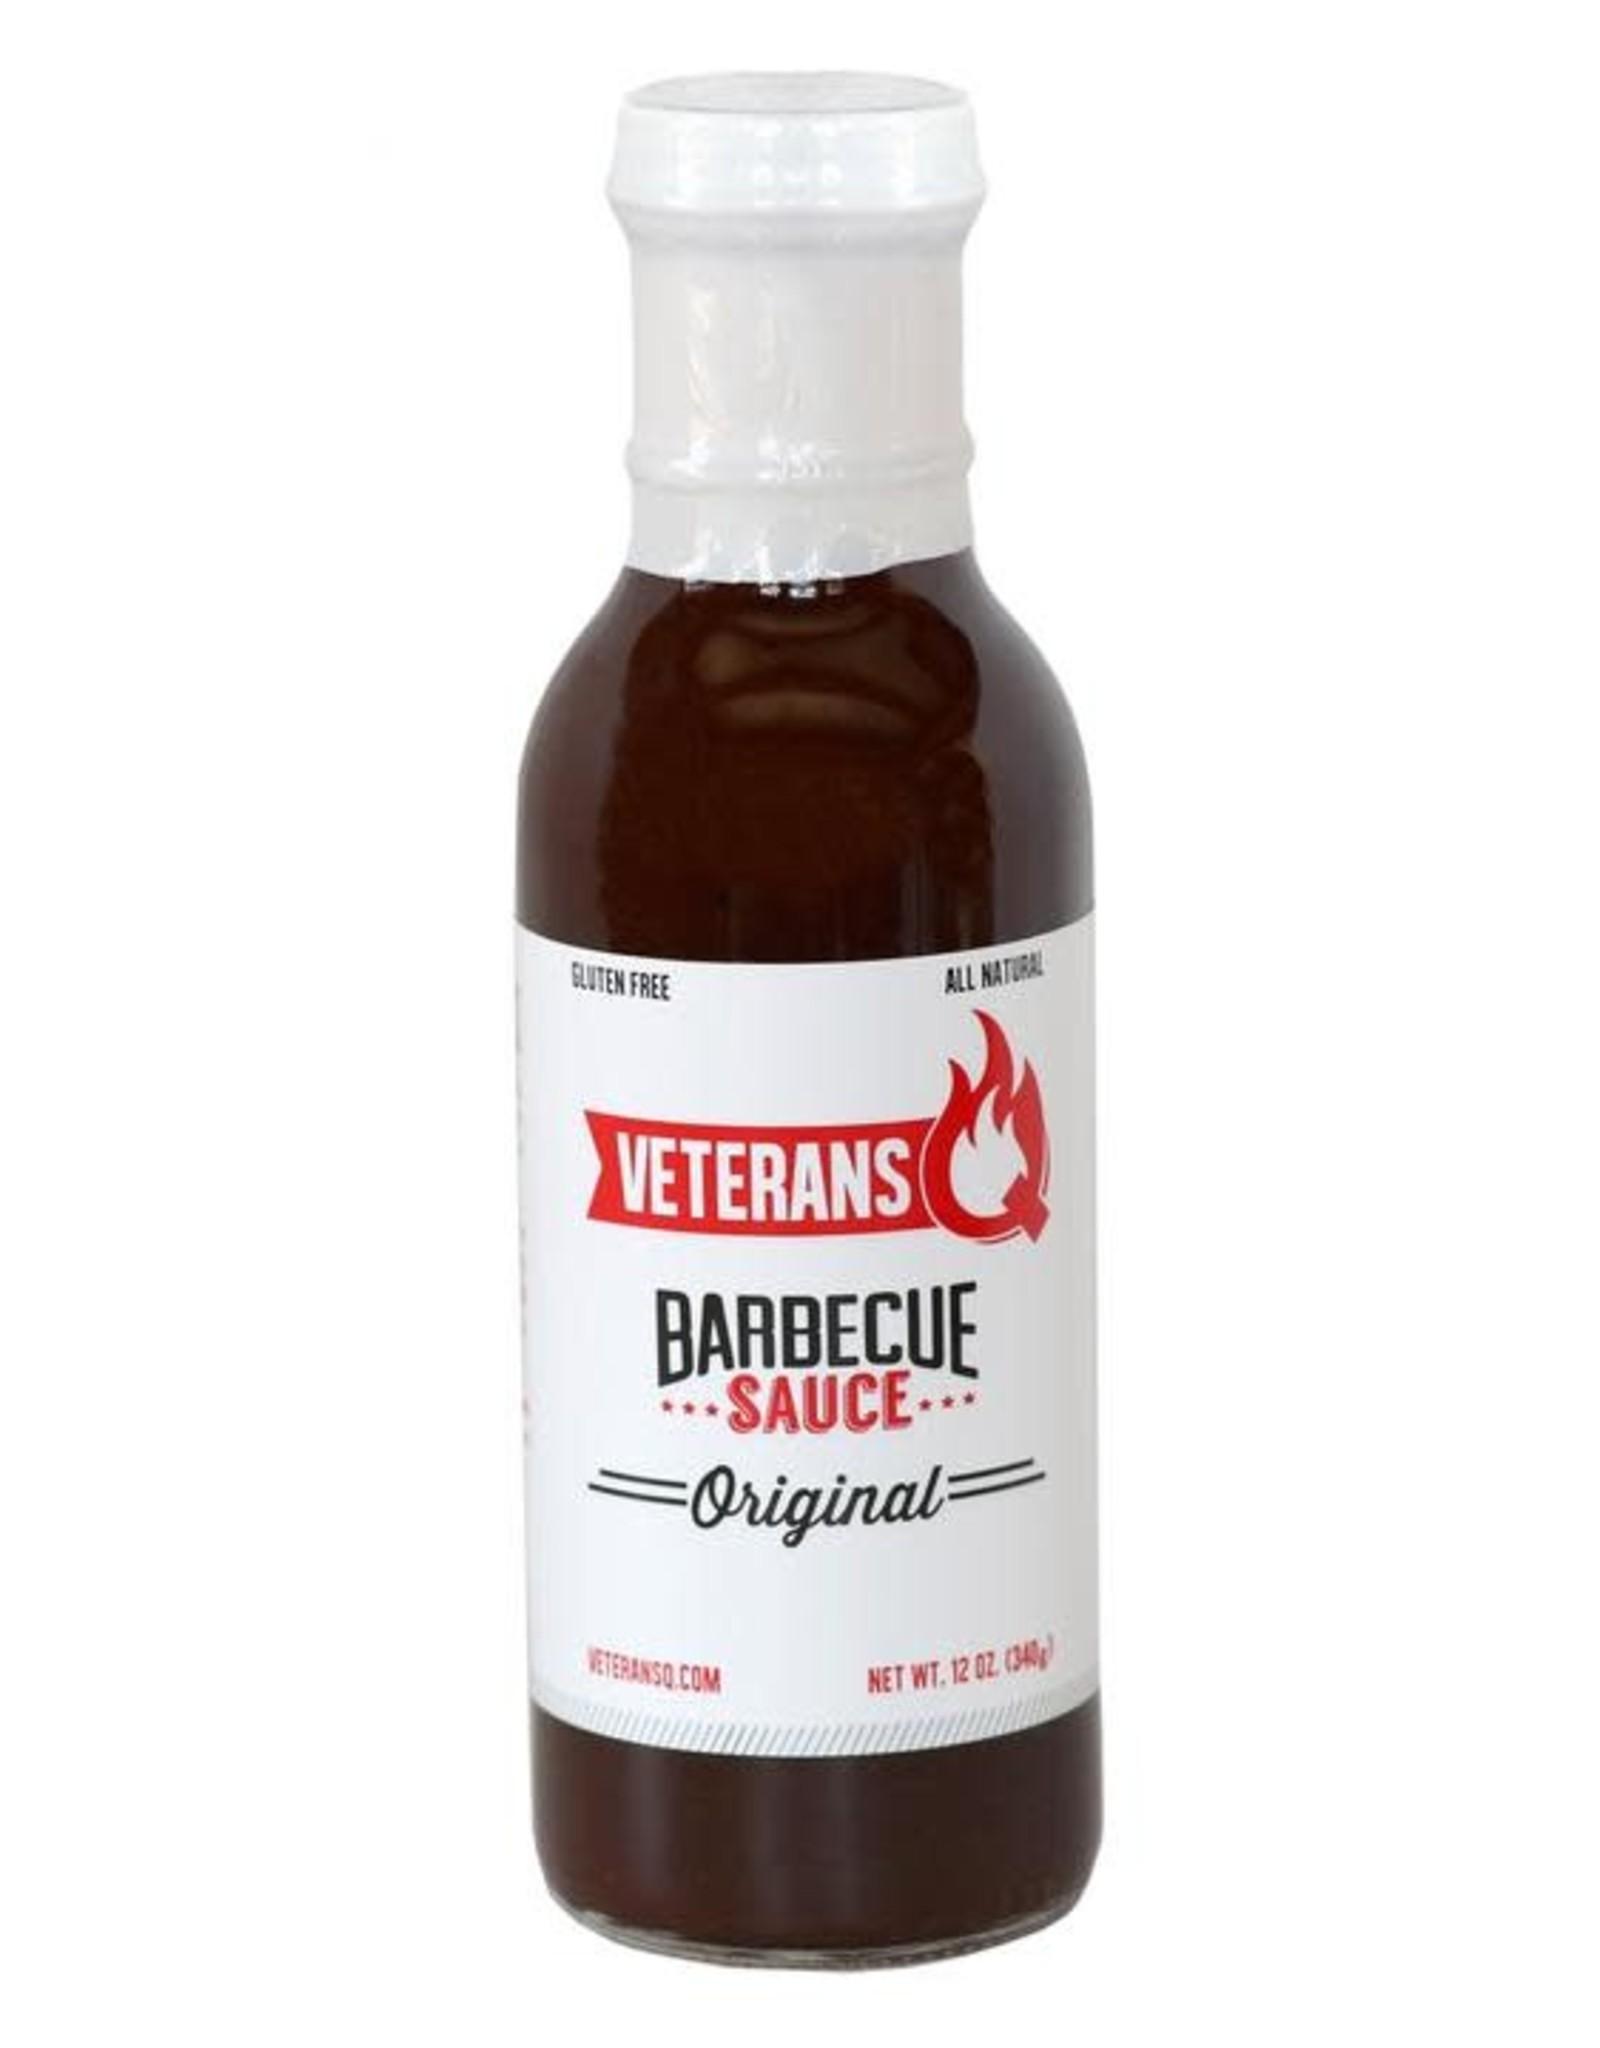 Veteran's Q Original Barbecue Sauce 12oz.